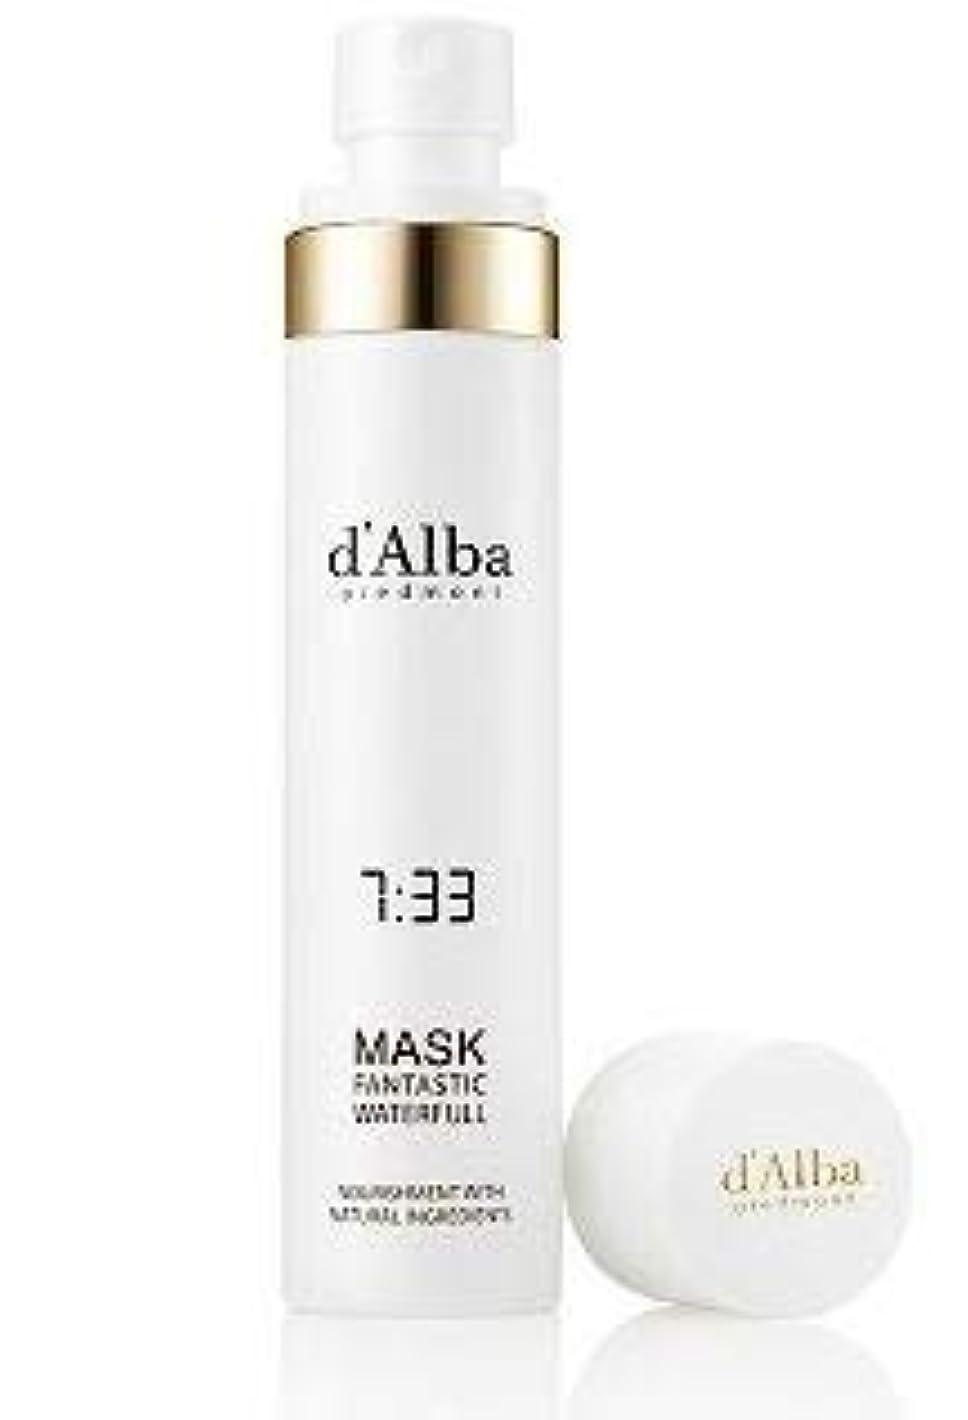 優雅な悲劇的な関係ない[dAlba] Fantastic Waterfull Spray Mask 100ml /[ダルバ] ファンタスティック ウォーターフォール マスク100ml [並行輸入品]